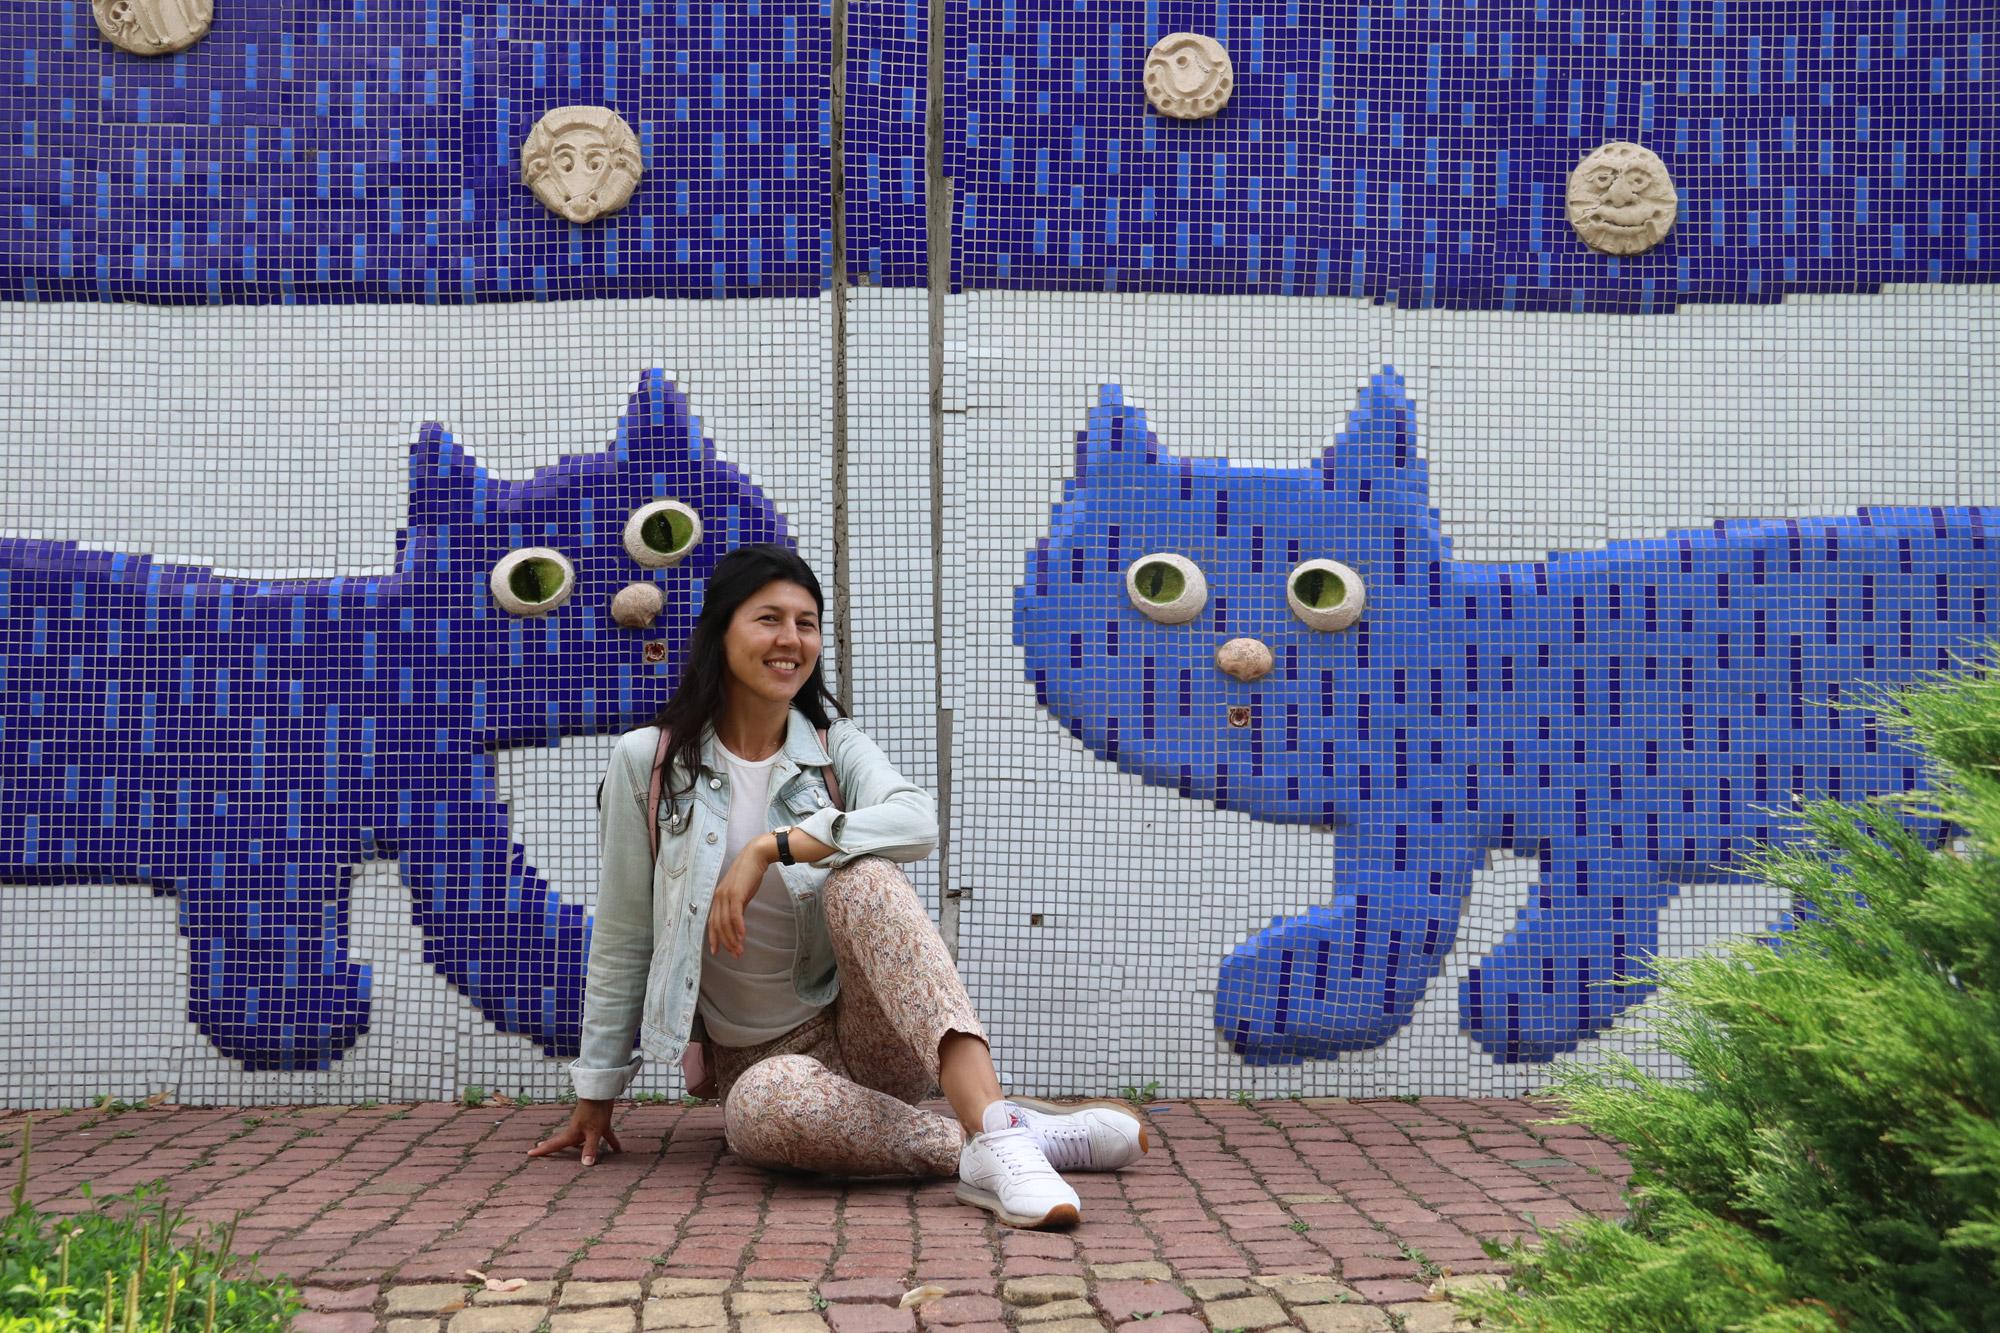 Kiev verkennen met een gids - Victoria van bestkievguide.com